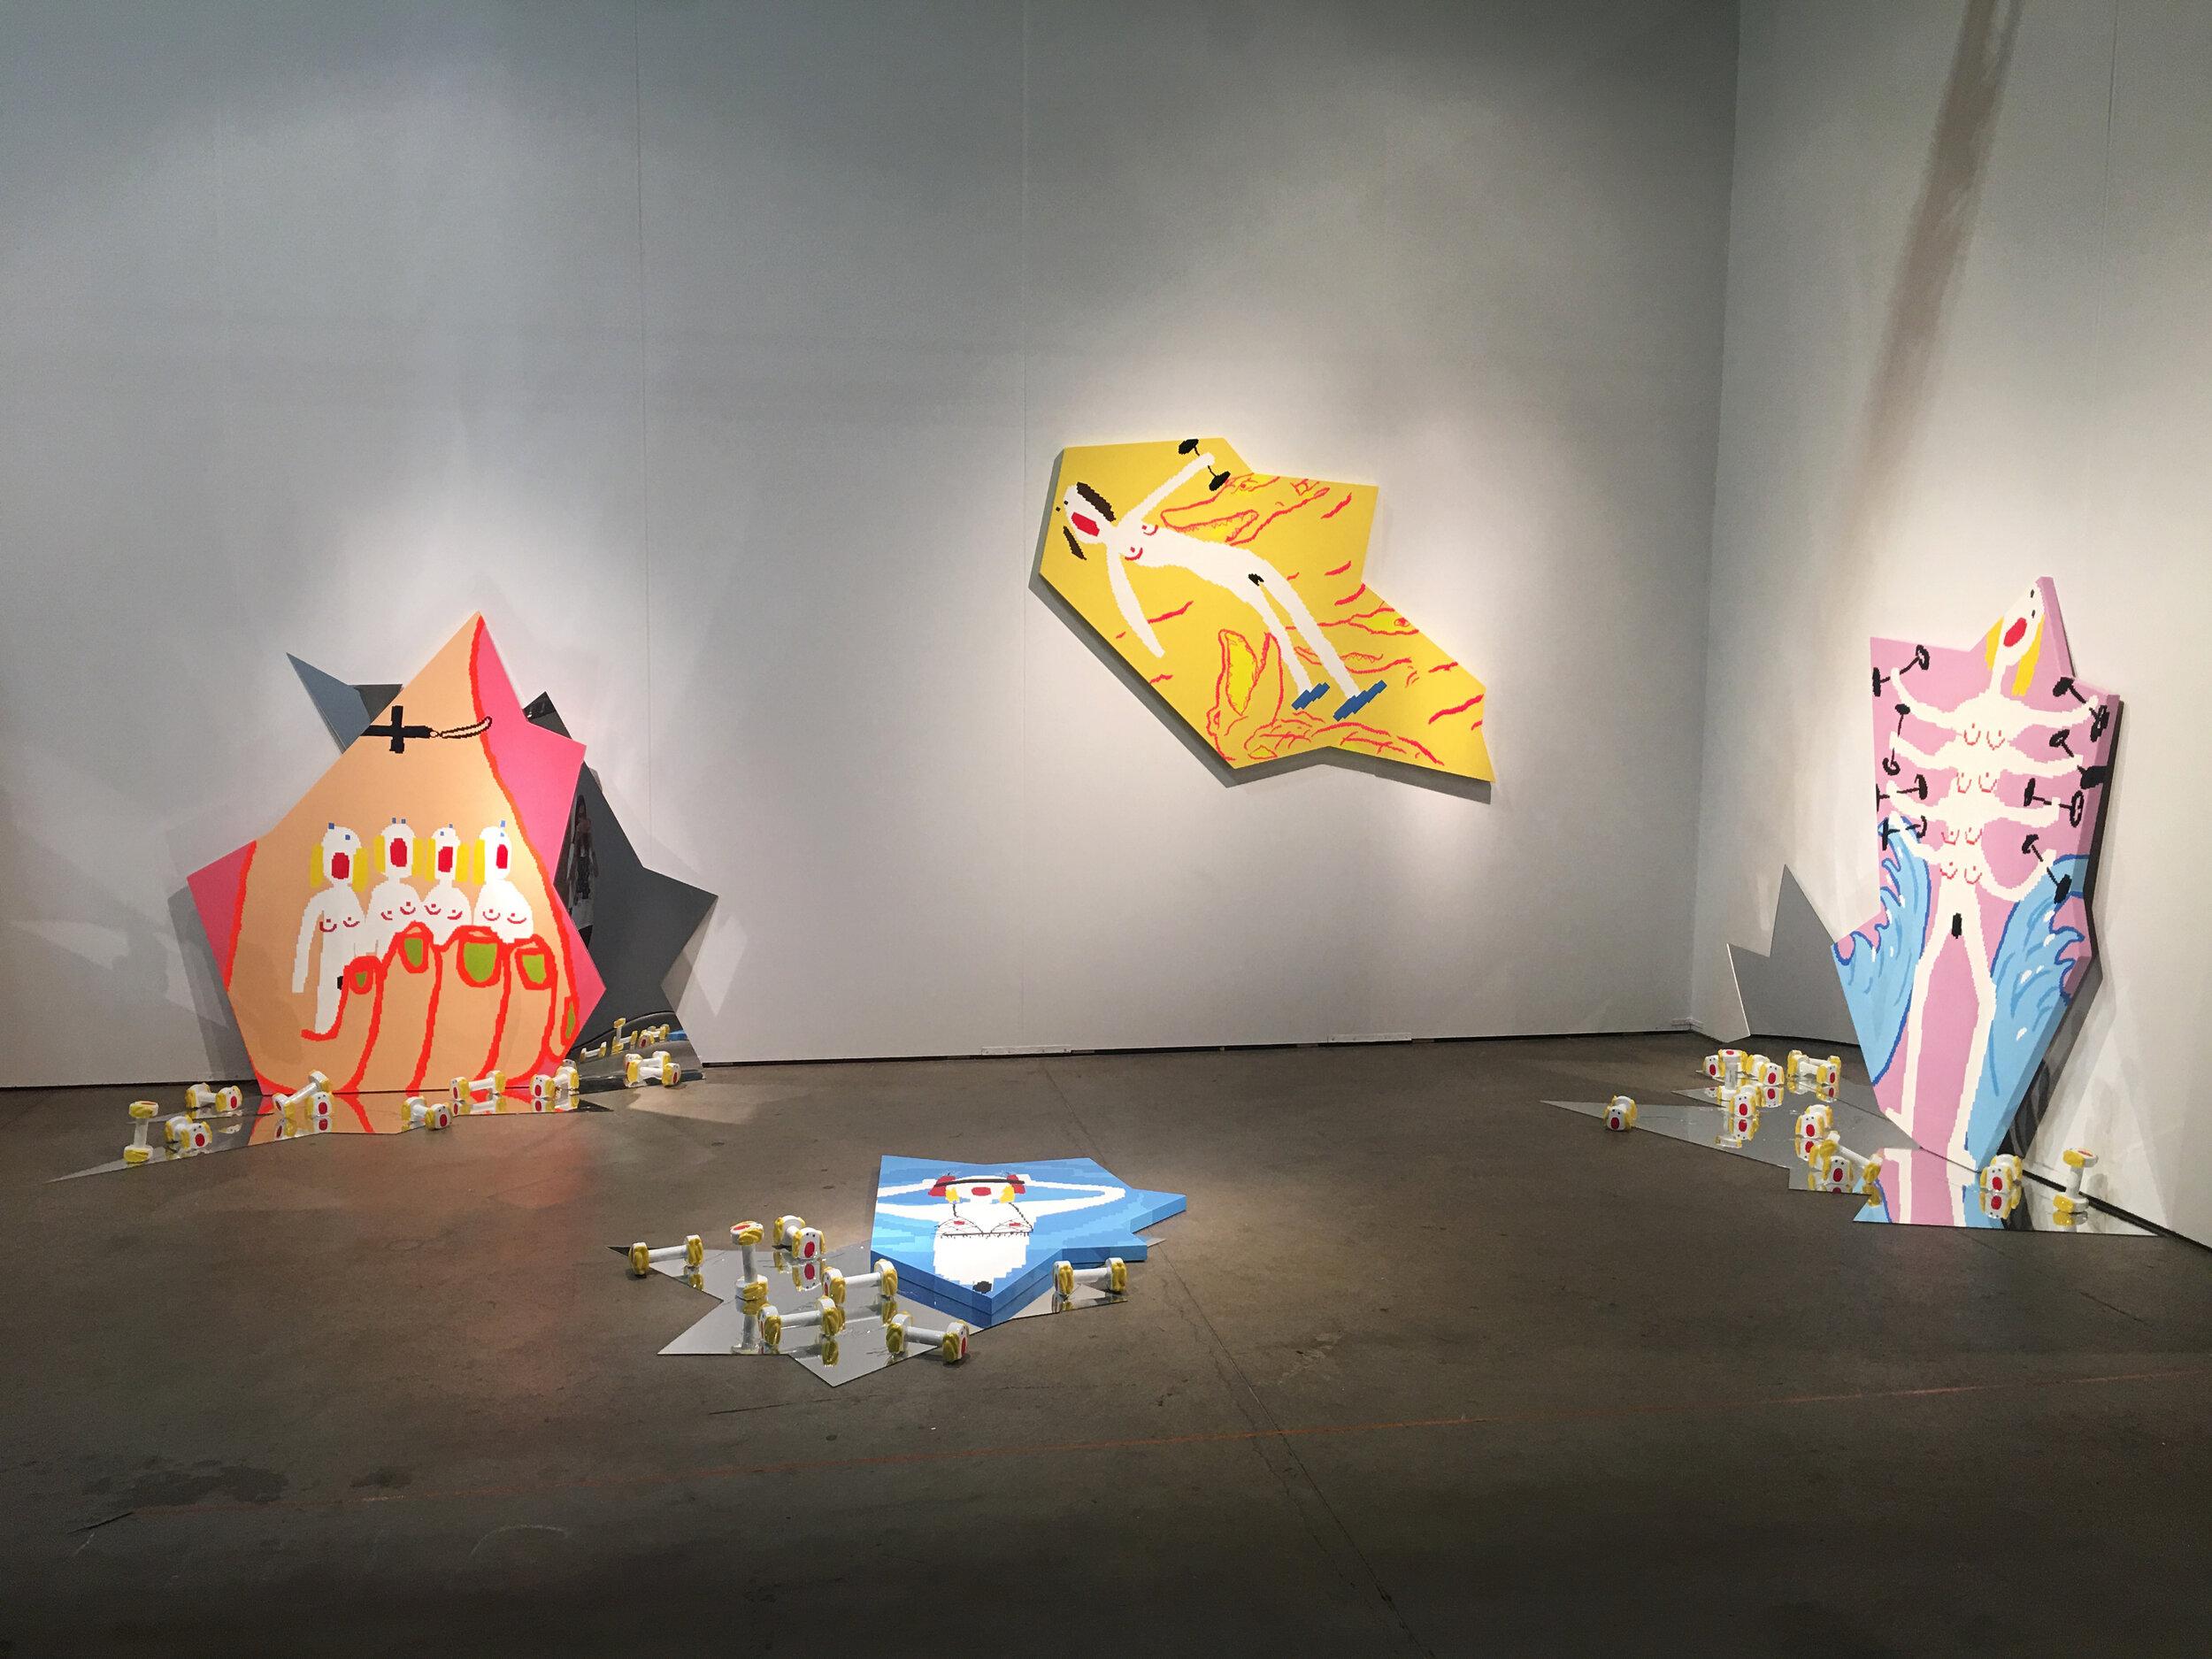 Expo Chicago, 2018 Maja Djordjevic    Booth 445 27-30 September 2018